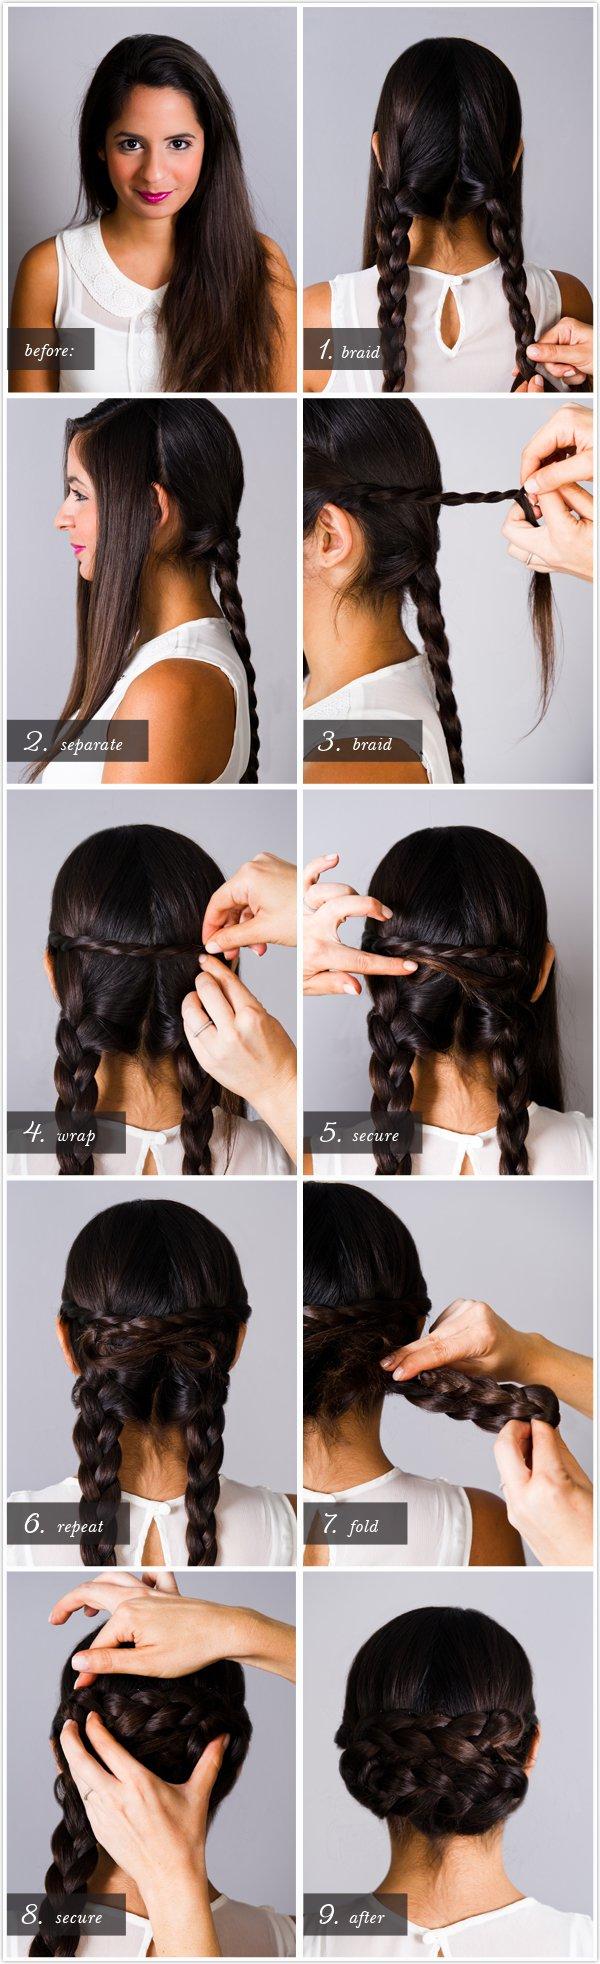 12 Easy Hair-zelfstudies voor mooie looks